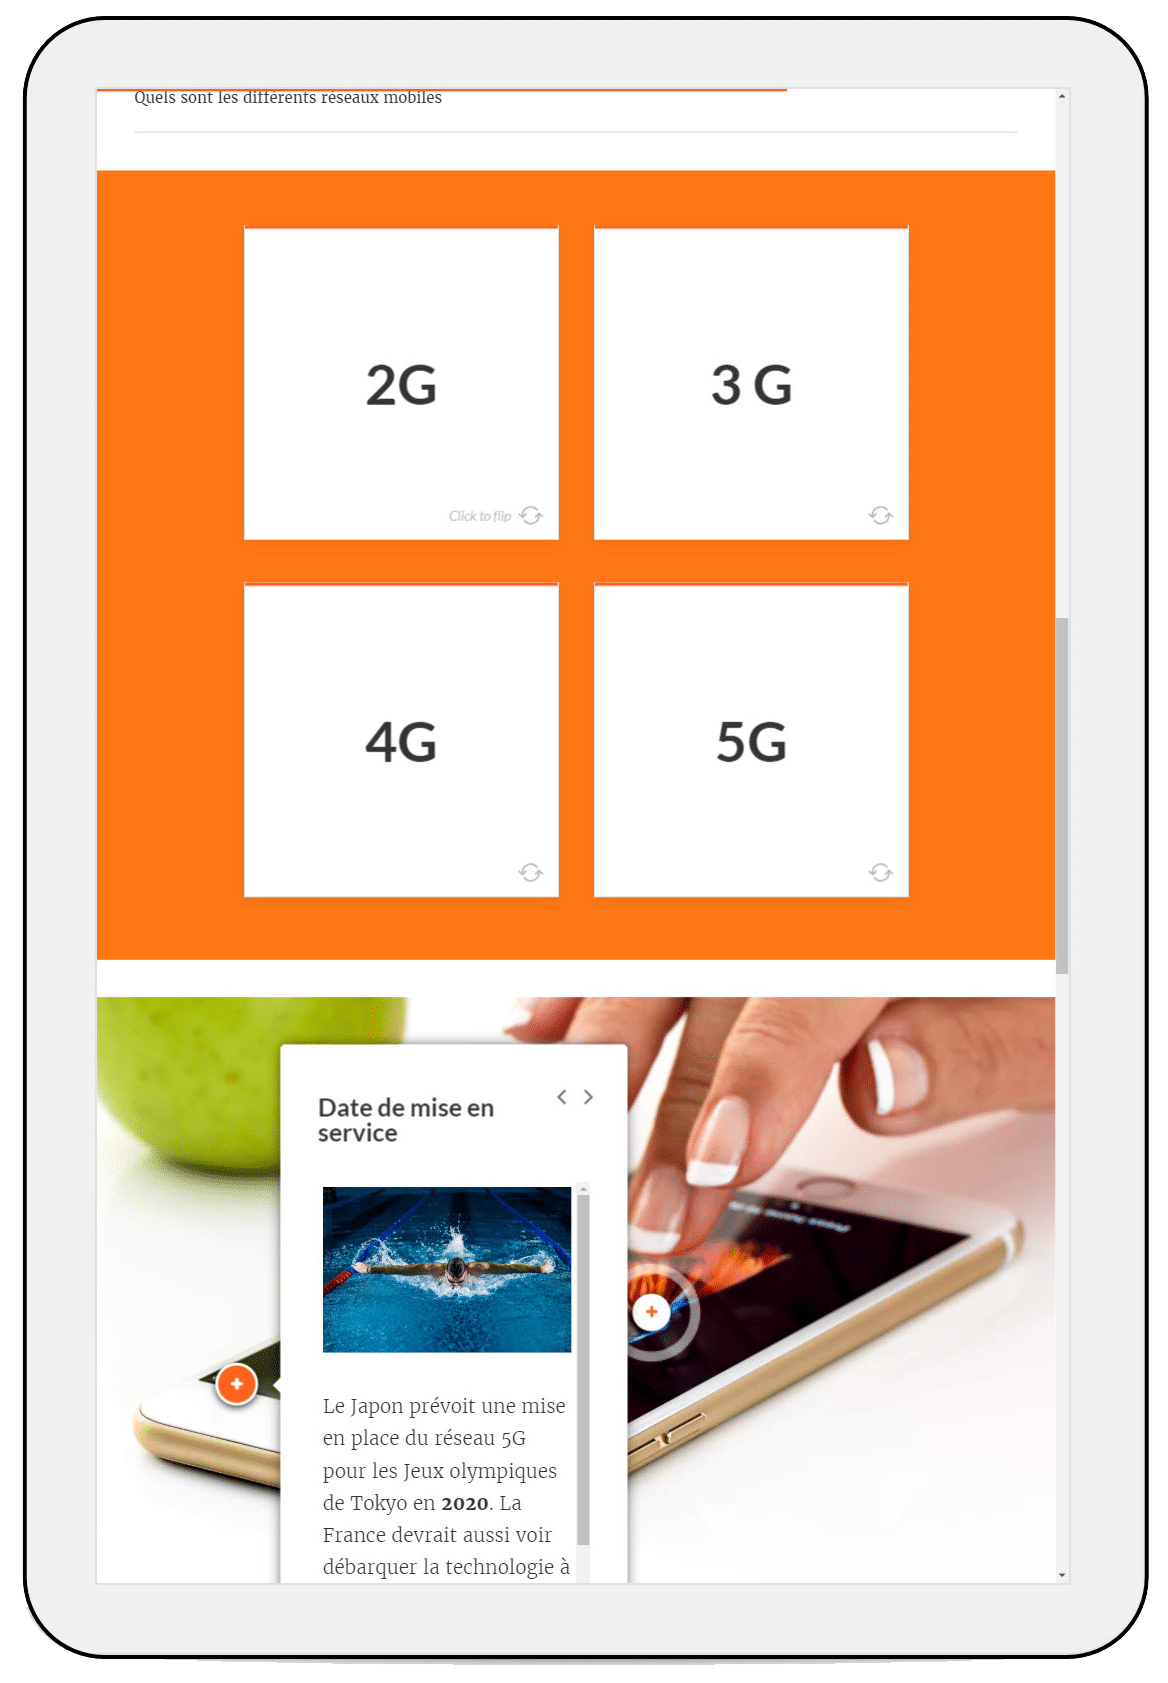 les offres de mise en service du réseau mobile 5G